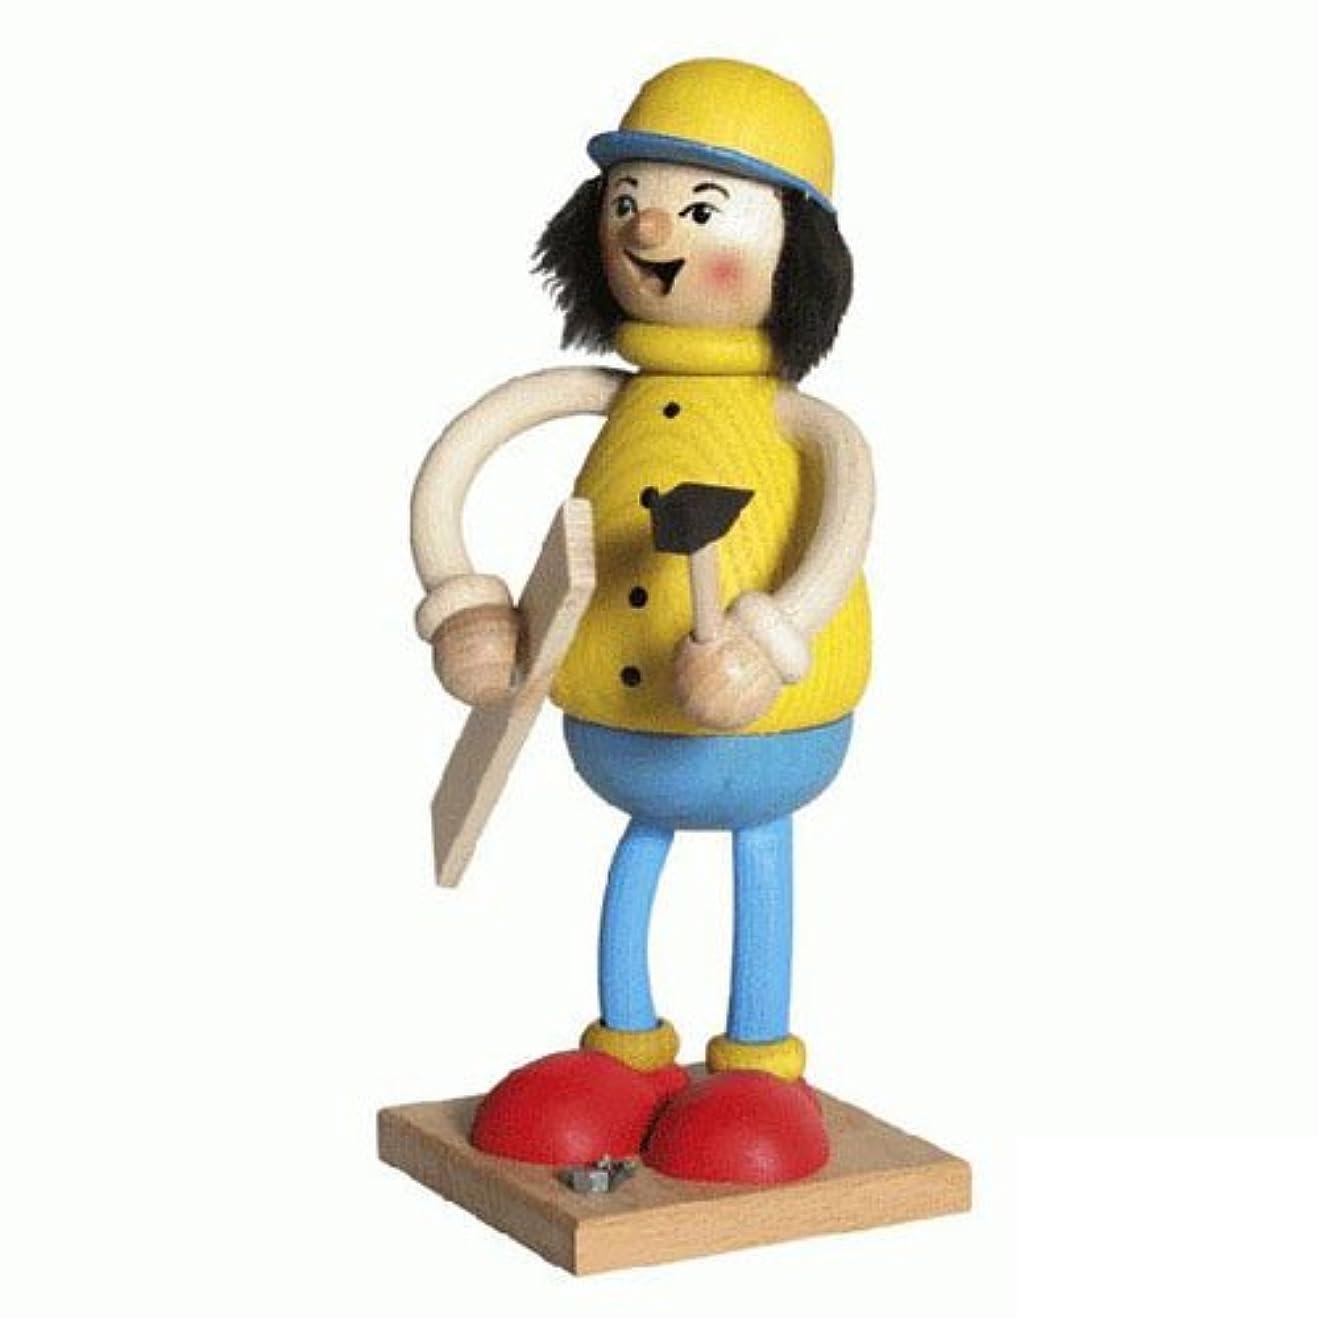 パーフェルビッド学んだ製品39096 Kuhnert(クーネルト) ミニパイプ人形香炉 DIY